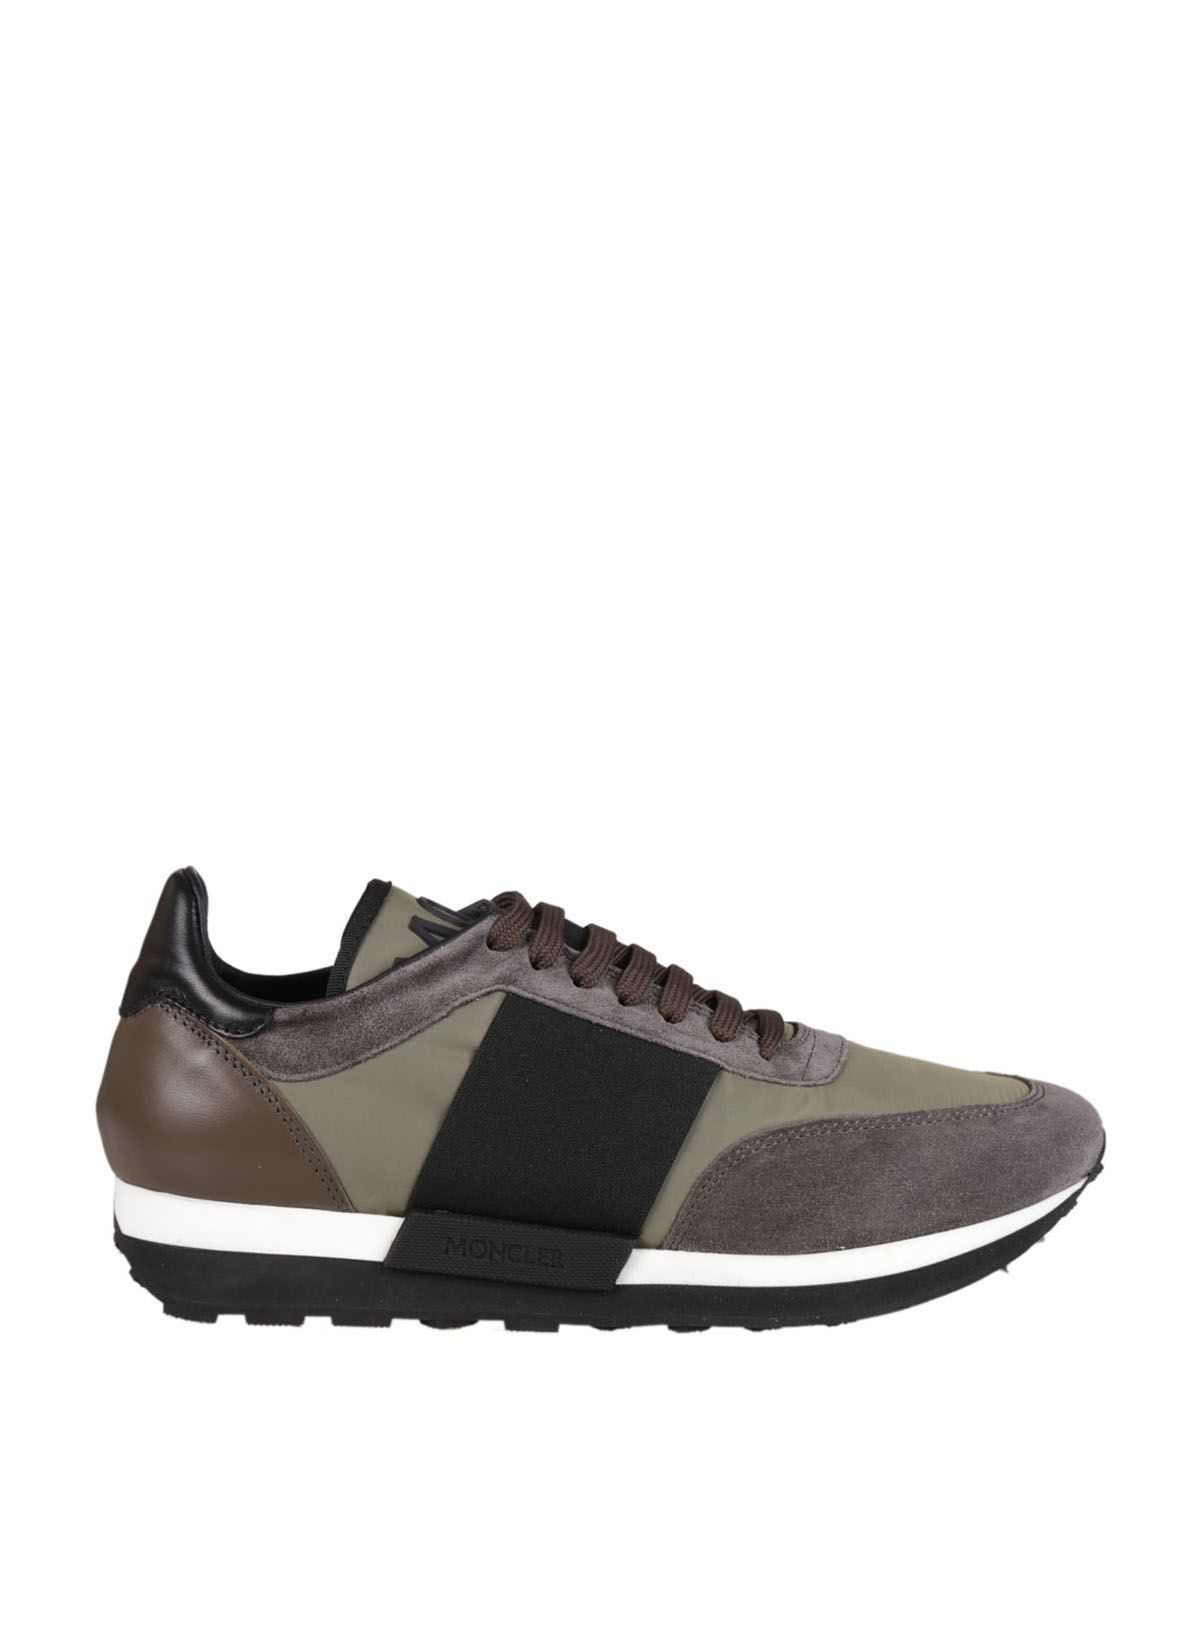 f36a5b114f4 MONCLER MONCLER HORACE SNEAKERS. #moncler #shoes # | Moncler Men